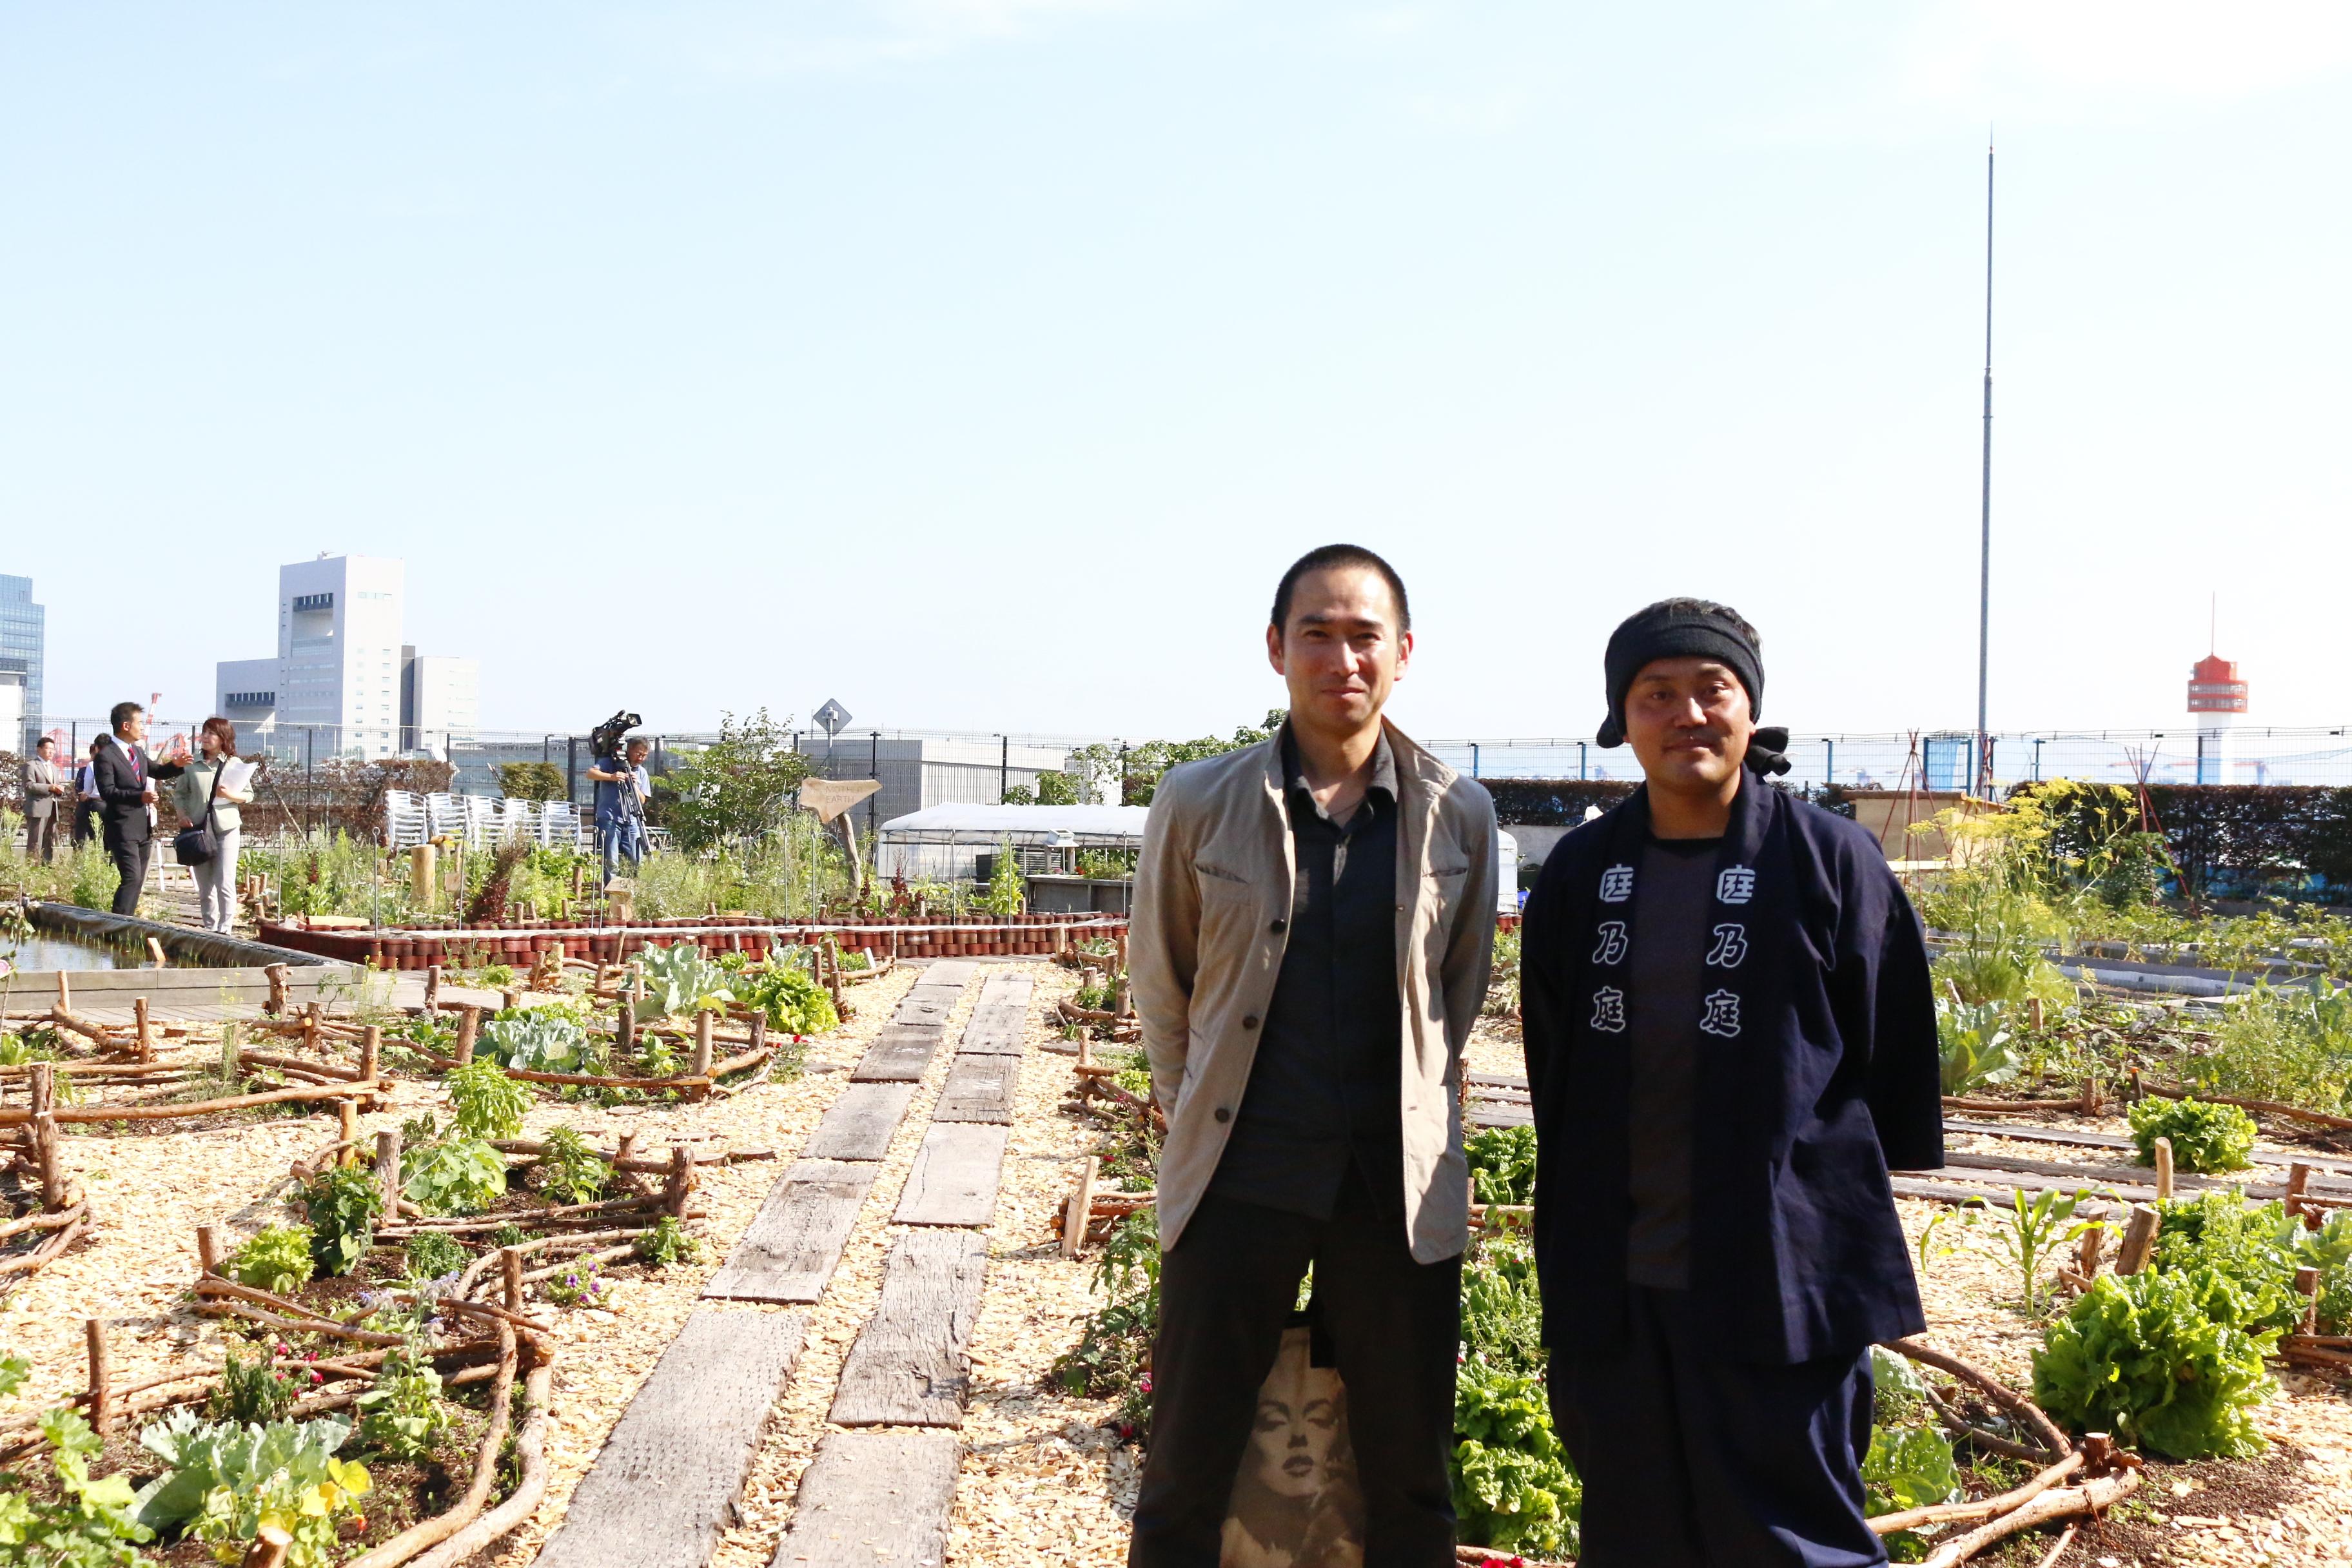 この木材を土の中に埋めており、しっかりと区画を支えています。  細部に木を施した作りは、森を感じることができ、木の自然な屈折を利用した菜園の作りは、都会の中でリラックスした環境のなかで、素敵なオーガニックライフが実現されています。  東京チェンソーズの企業の想いを、この都会の菜園~ポタジェガーデンにつなげるランドスケープデザインをされたのは、「乃庭」の代表竹本さん。  竹本さんのデザインしたポタジェガーデンは、まさに「農業・食・環境・地域を体験」を目指している、都会の菜園のコンセプトにとてもあった菜園ではないでしょうか。